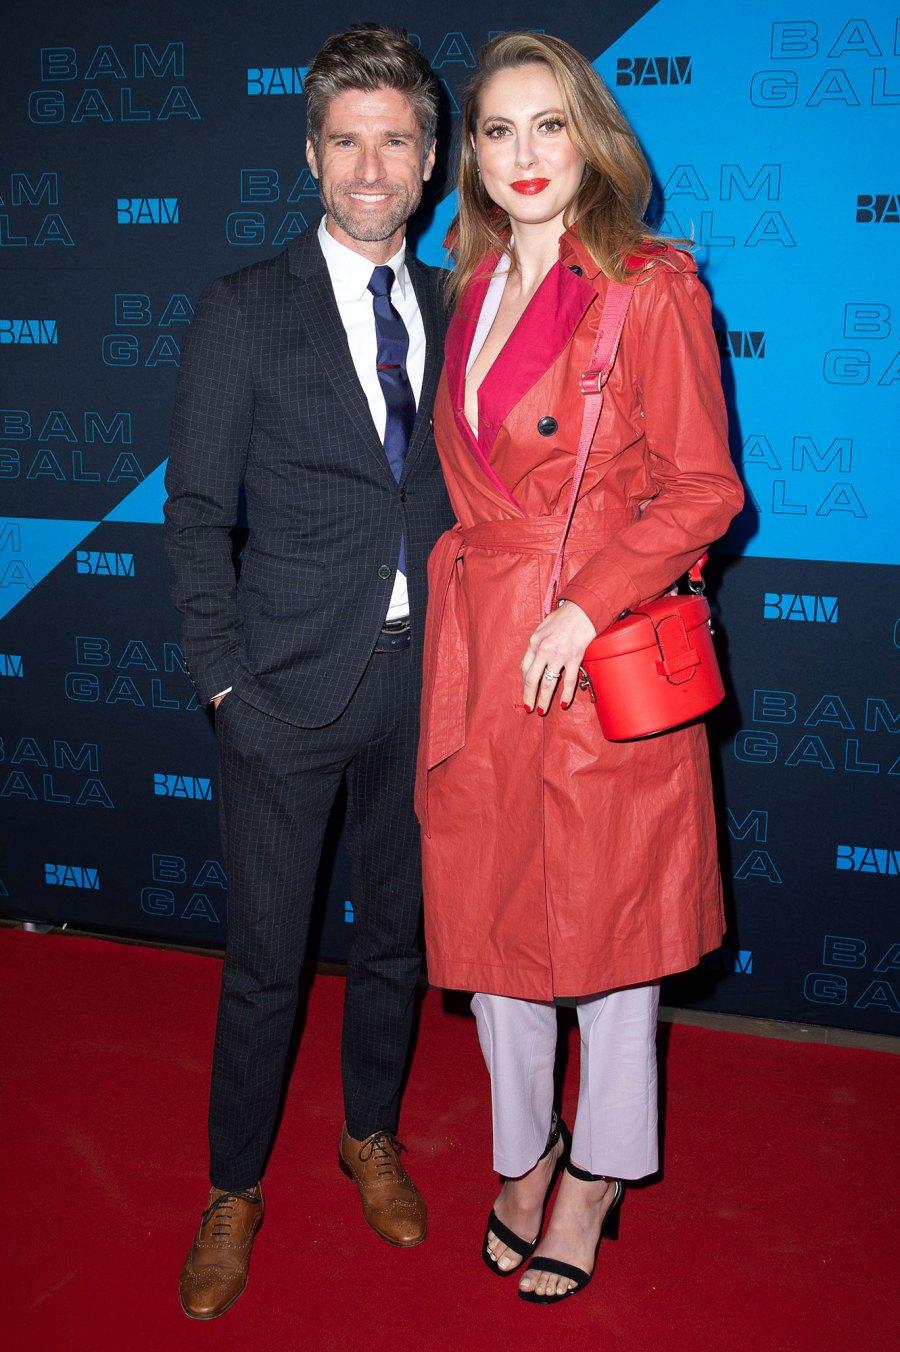 Kyle Martino and Eva Amurri BAM Gala 2019